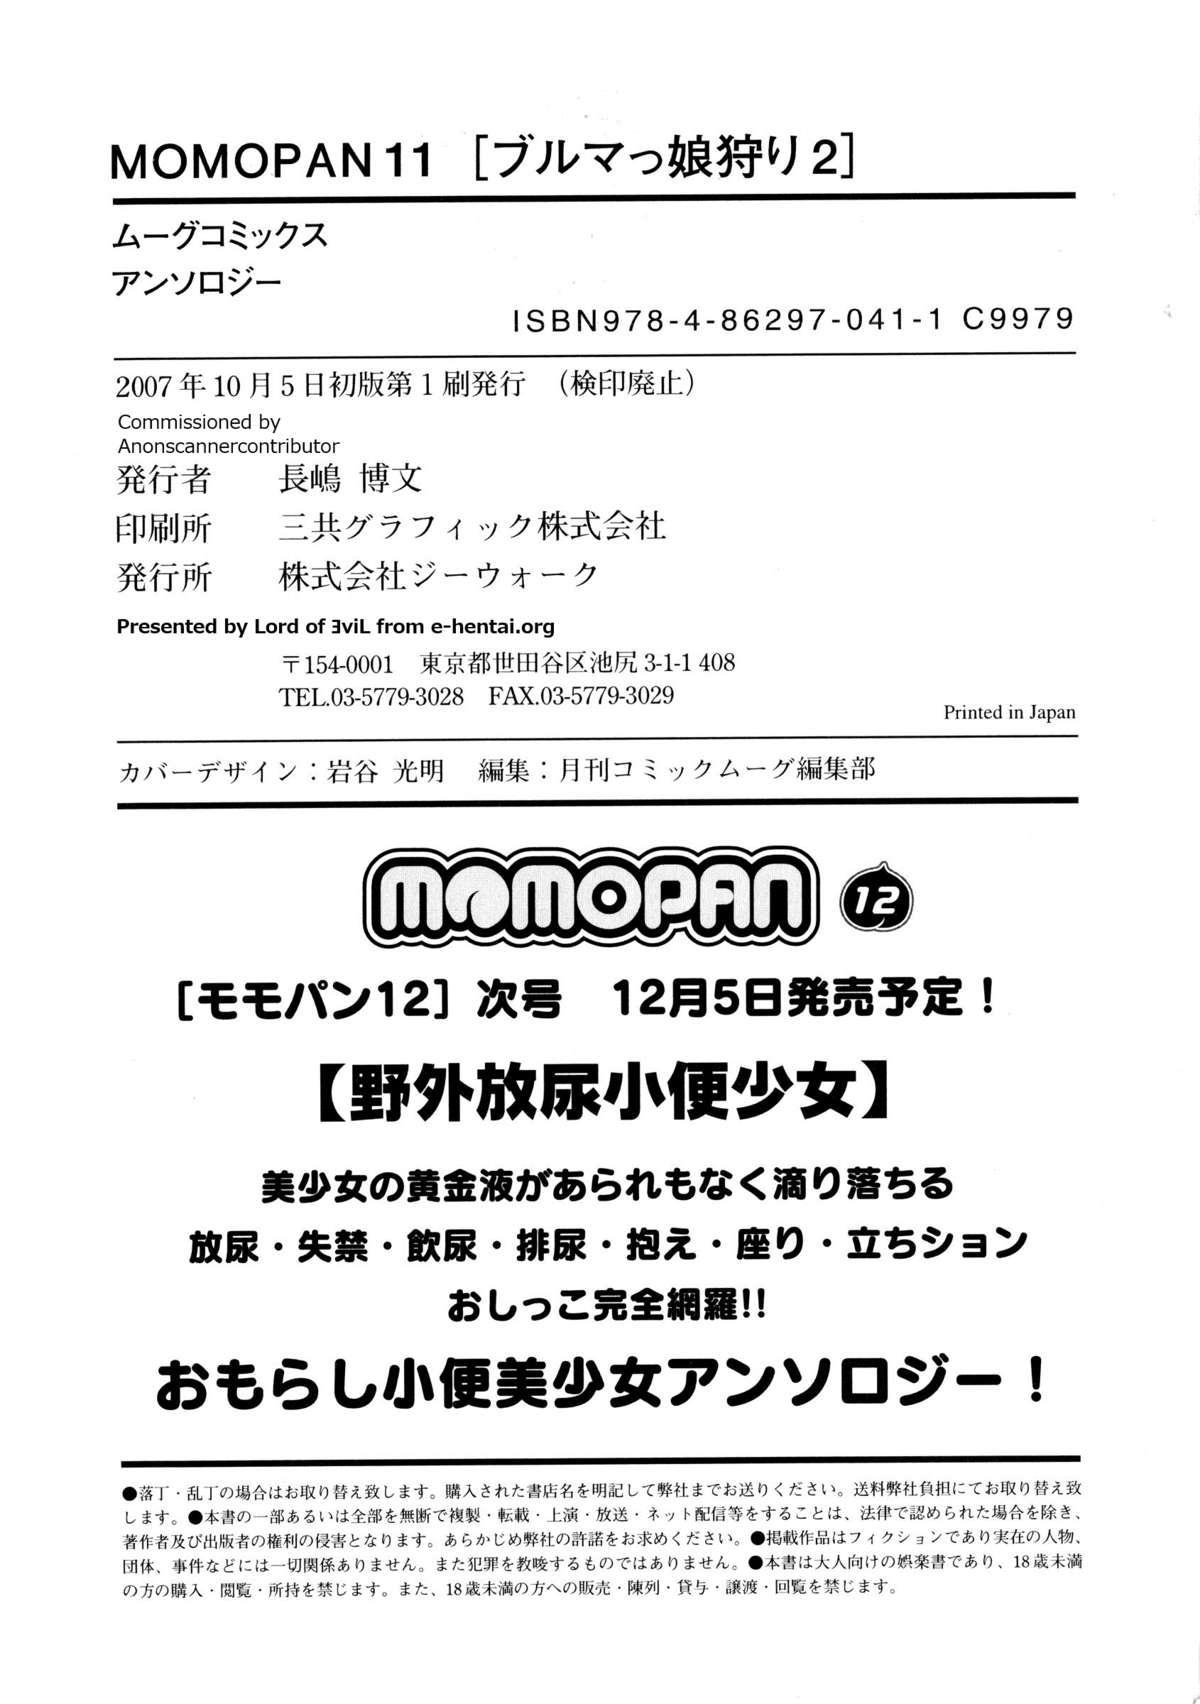 MOMOPAN 11 182